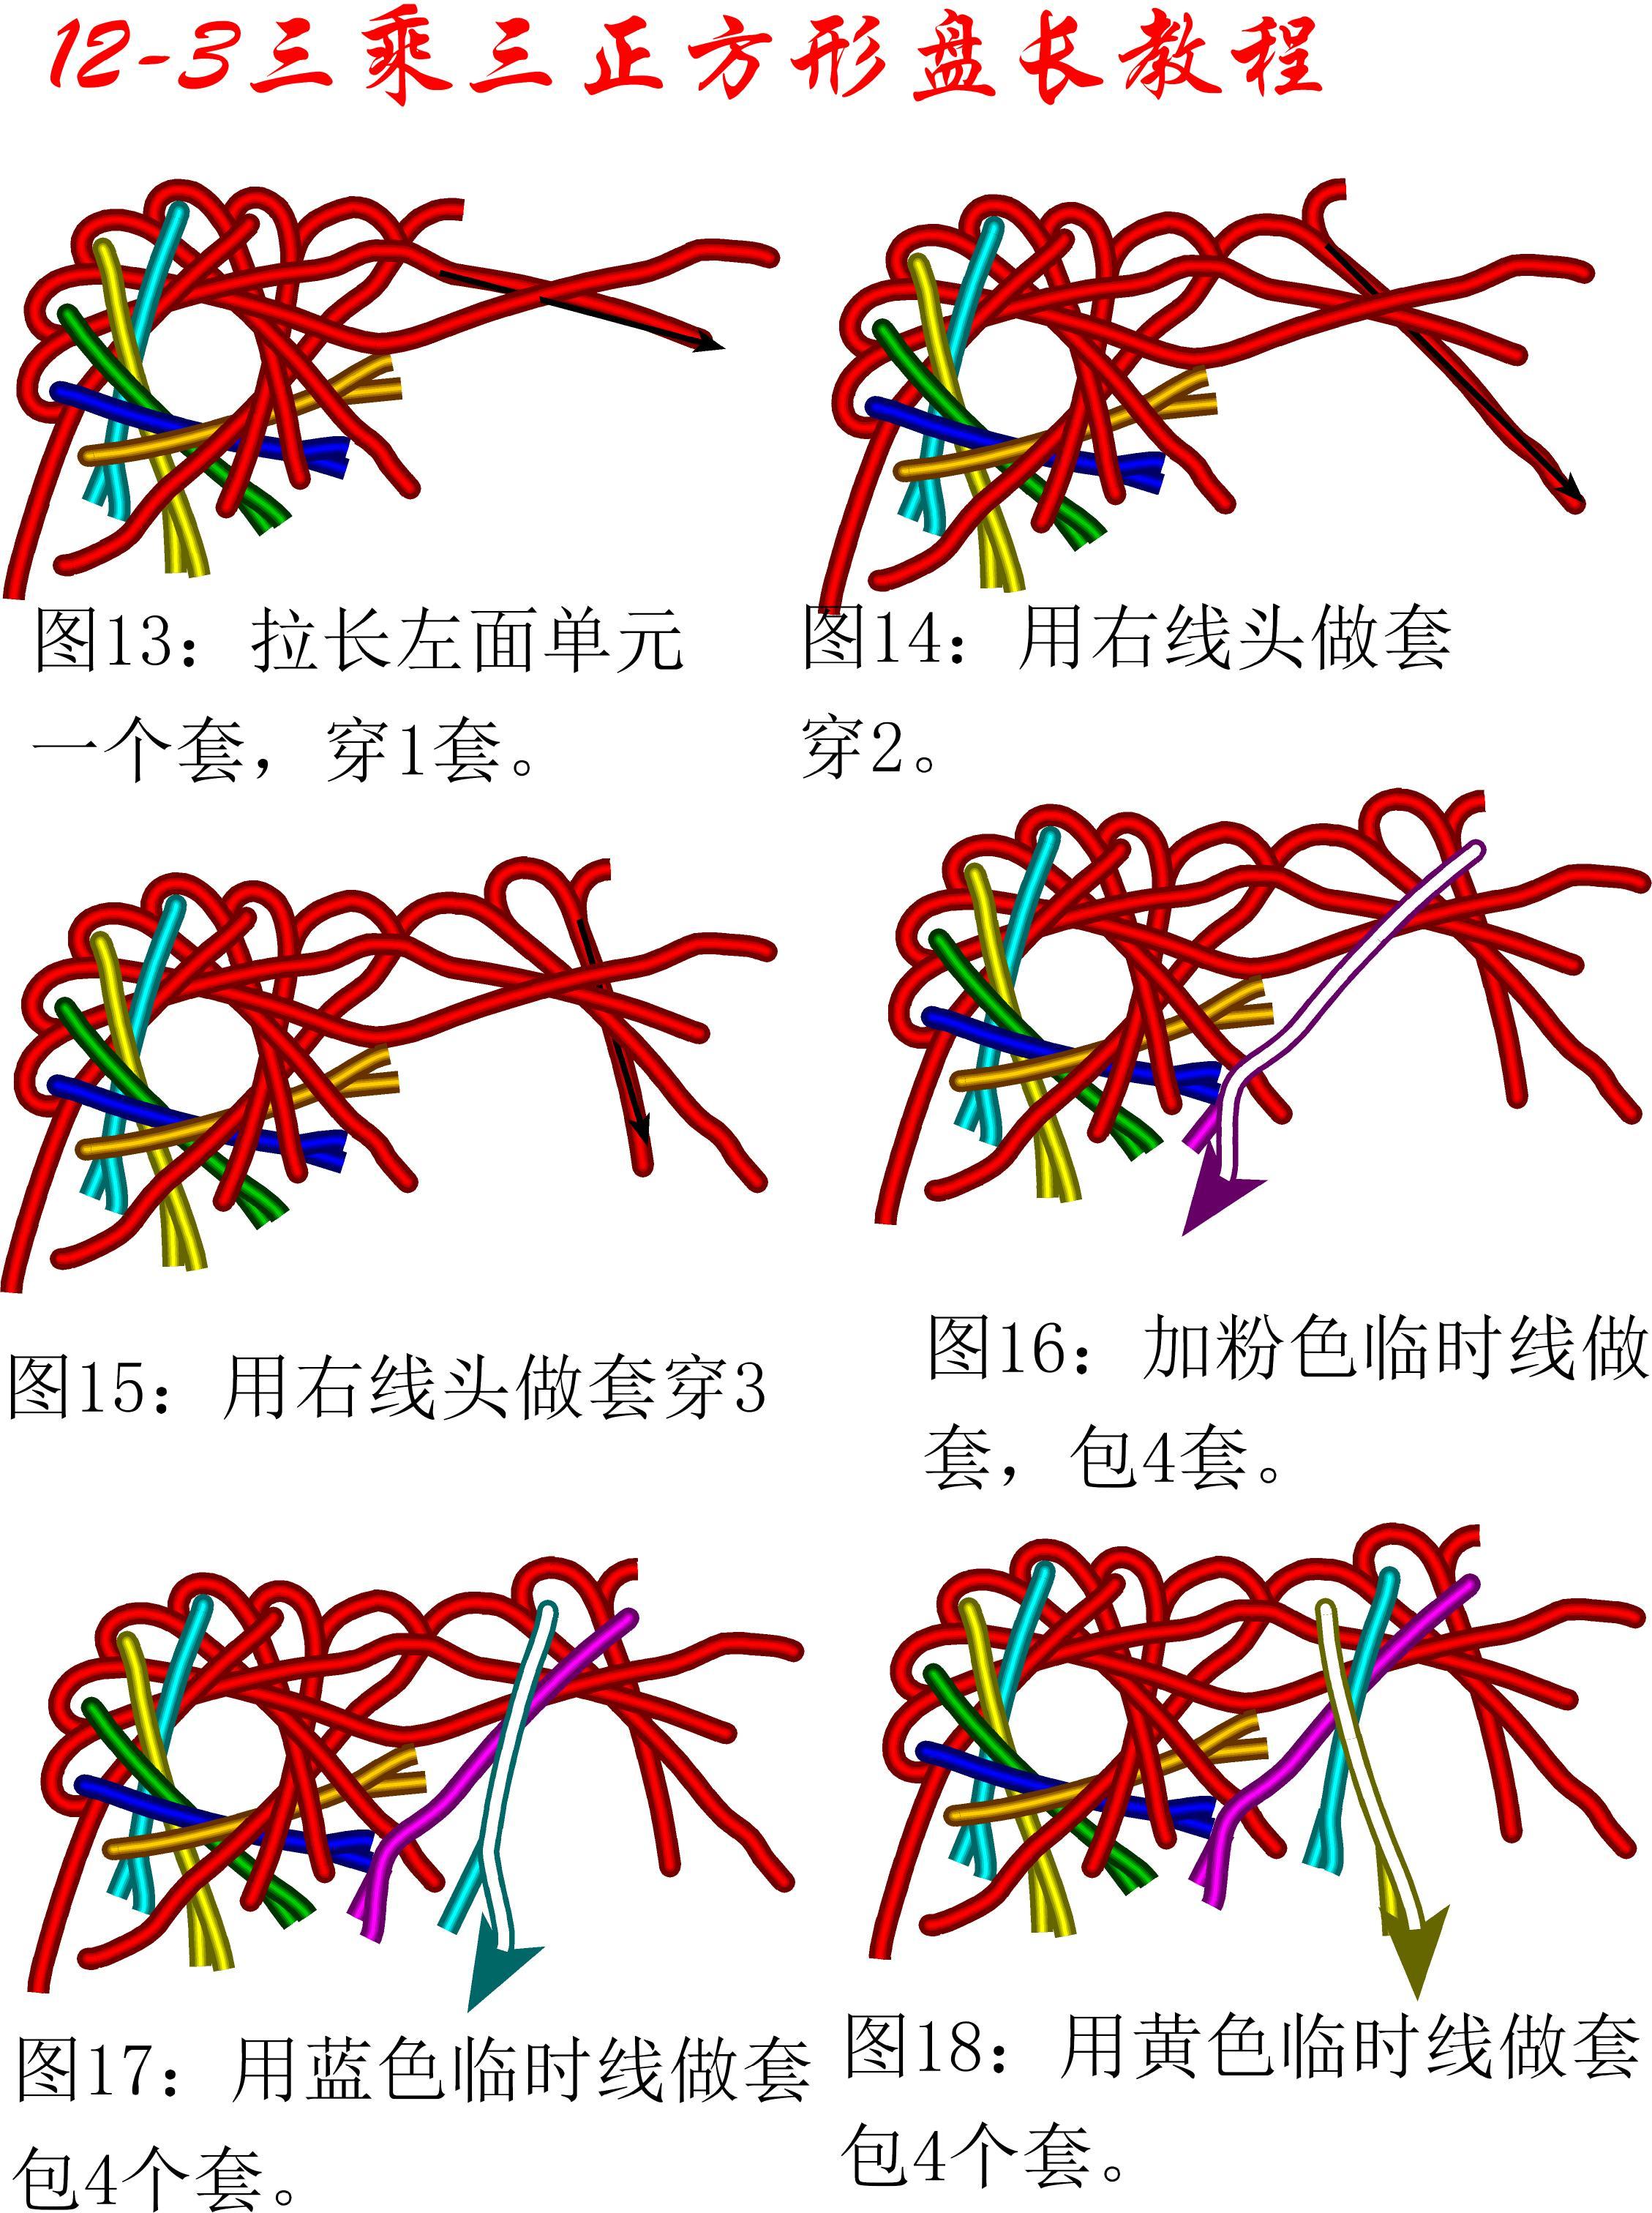 中国结论坛 12-3盘长平行扩展方法---3乘3方形盘长 方形,方形脸怎么办 丑丑徒手编结 093106zdi2gus1d4i7stzq